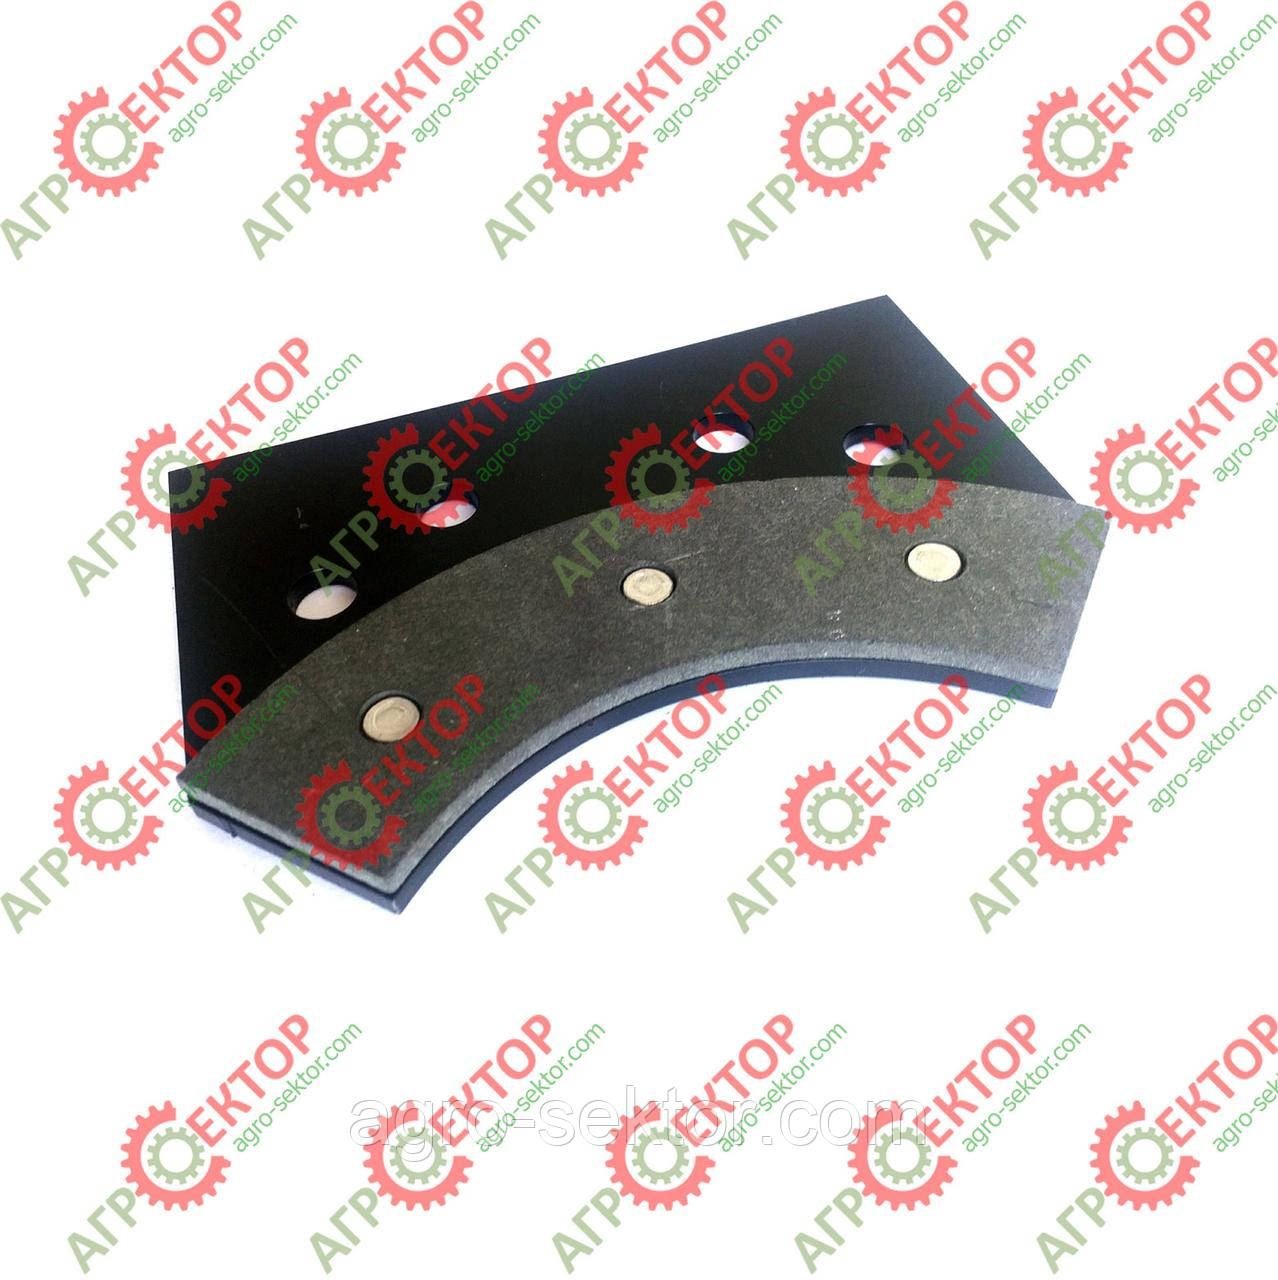 Тормозна колодка внутрішня дискового тормоза в'язального апарата на пресспідбирач Sipma 2012-070-550.00 аналог